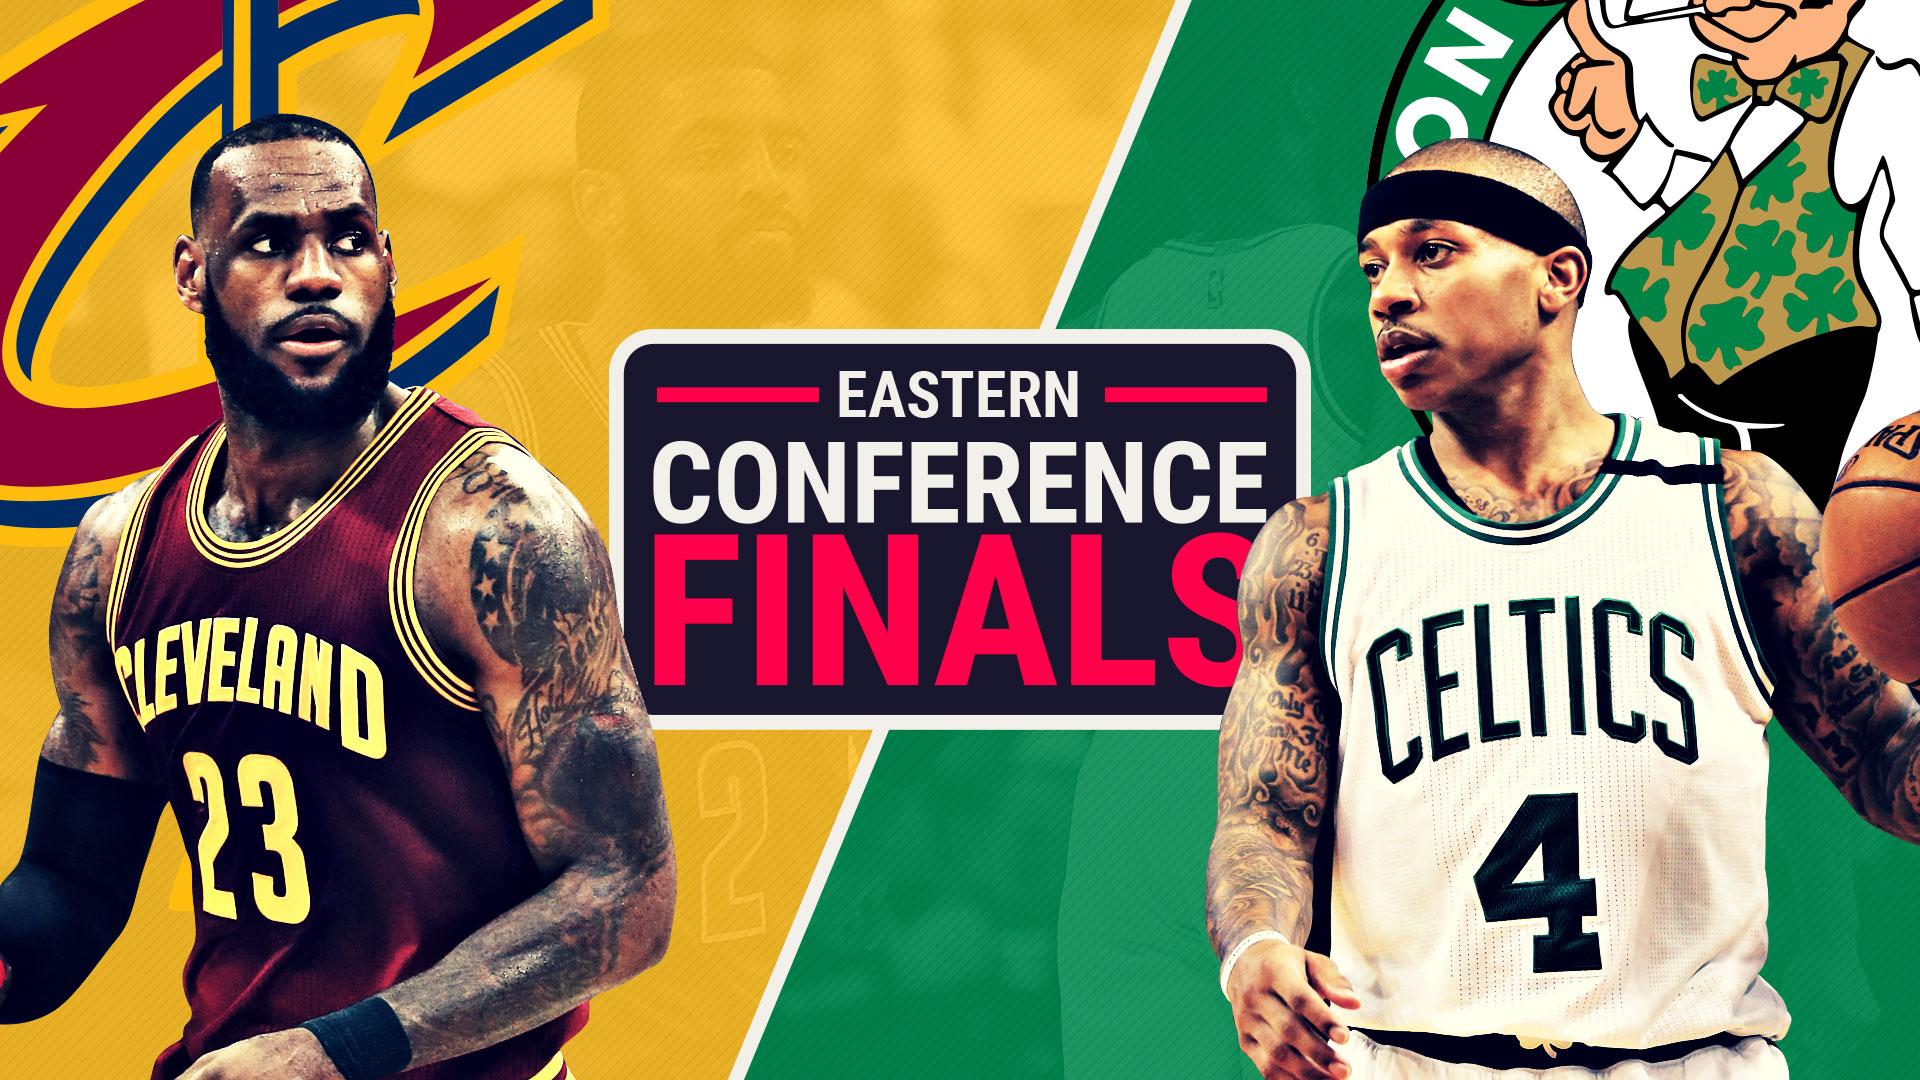 Cavs Celtics Eastern Conference Finals Ftr Jpg